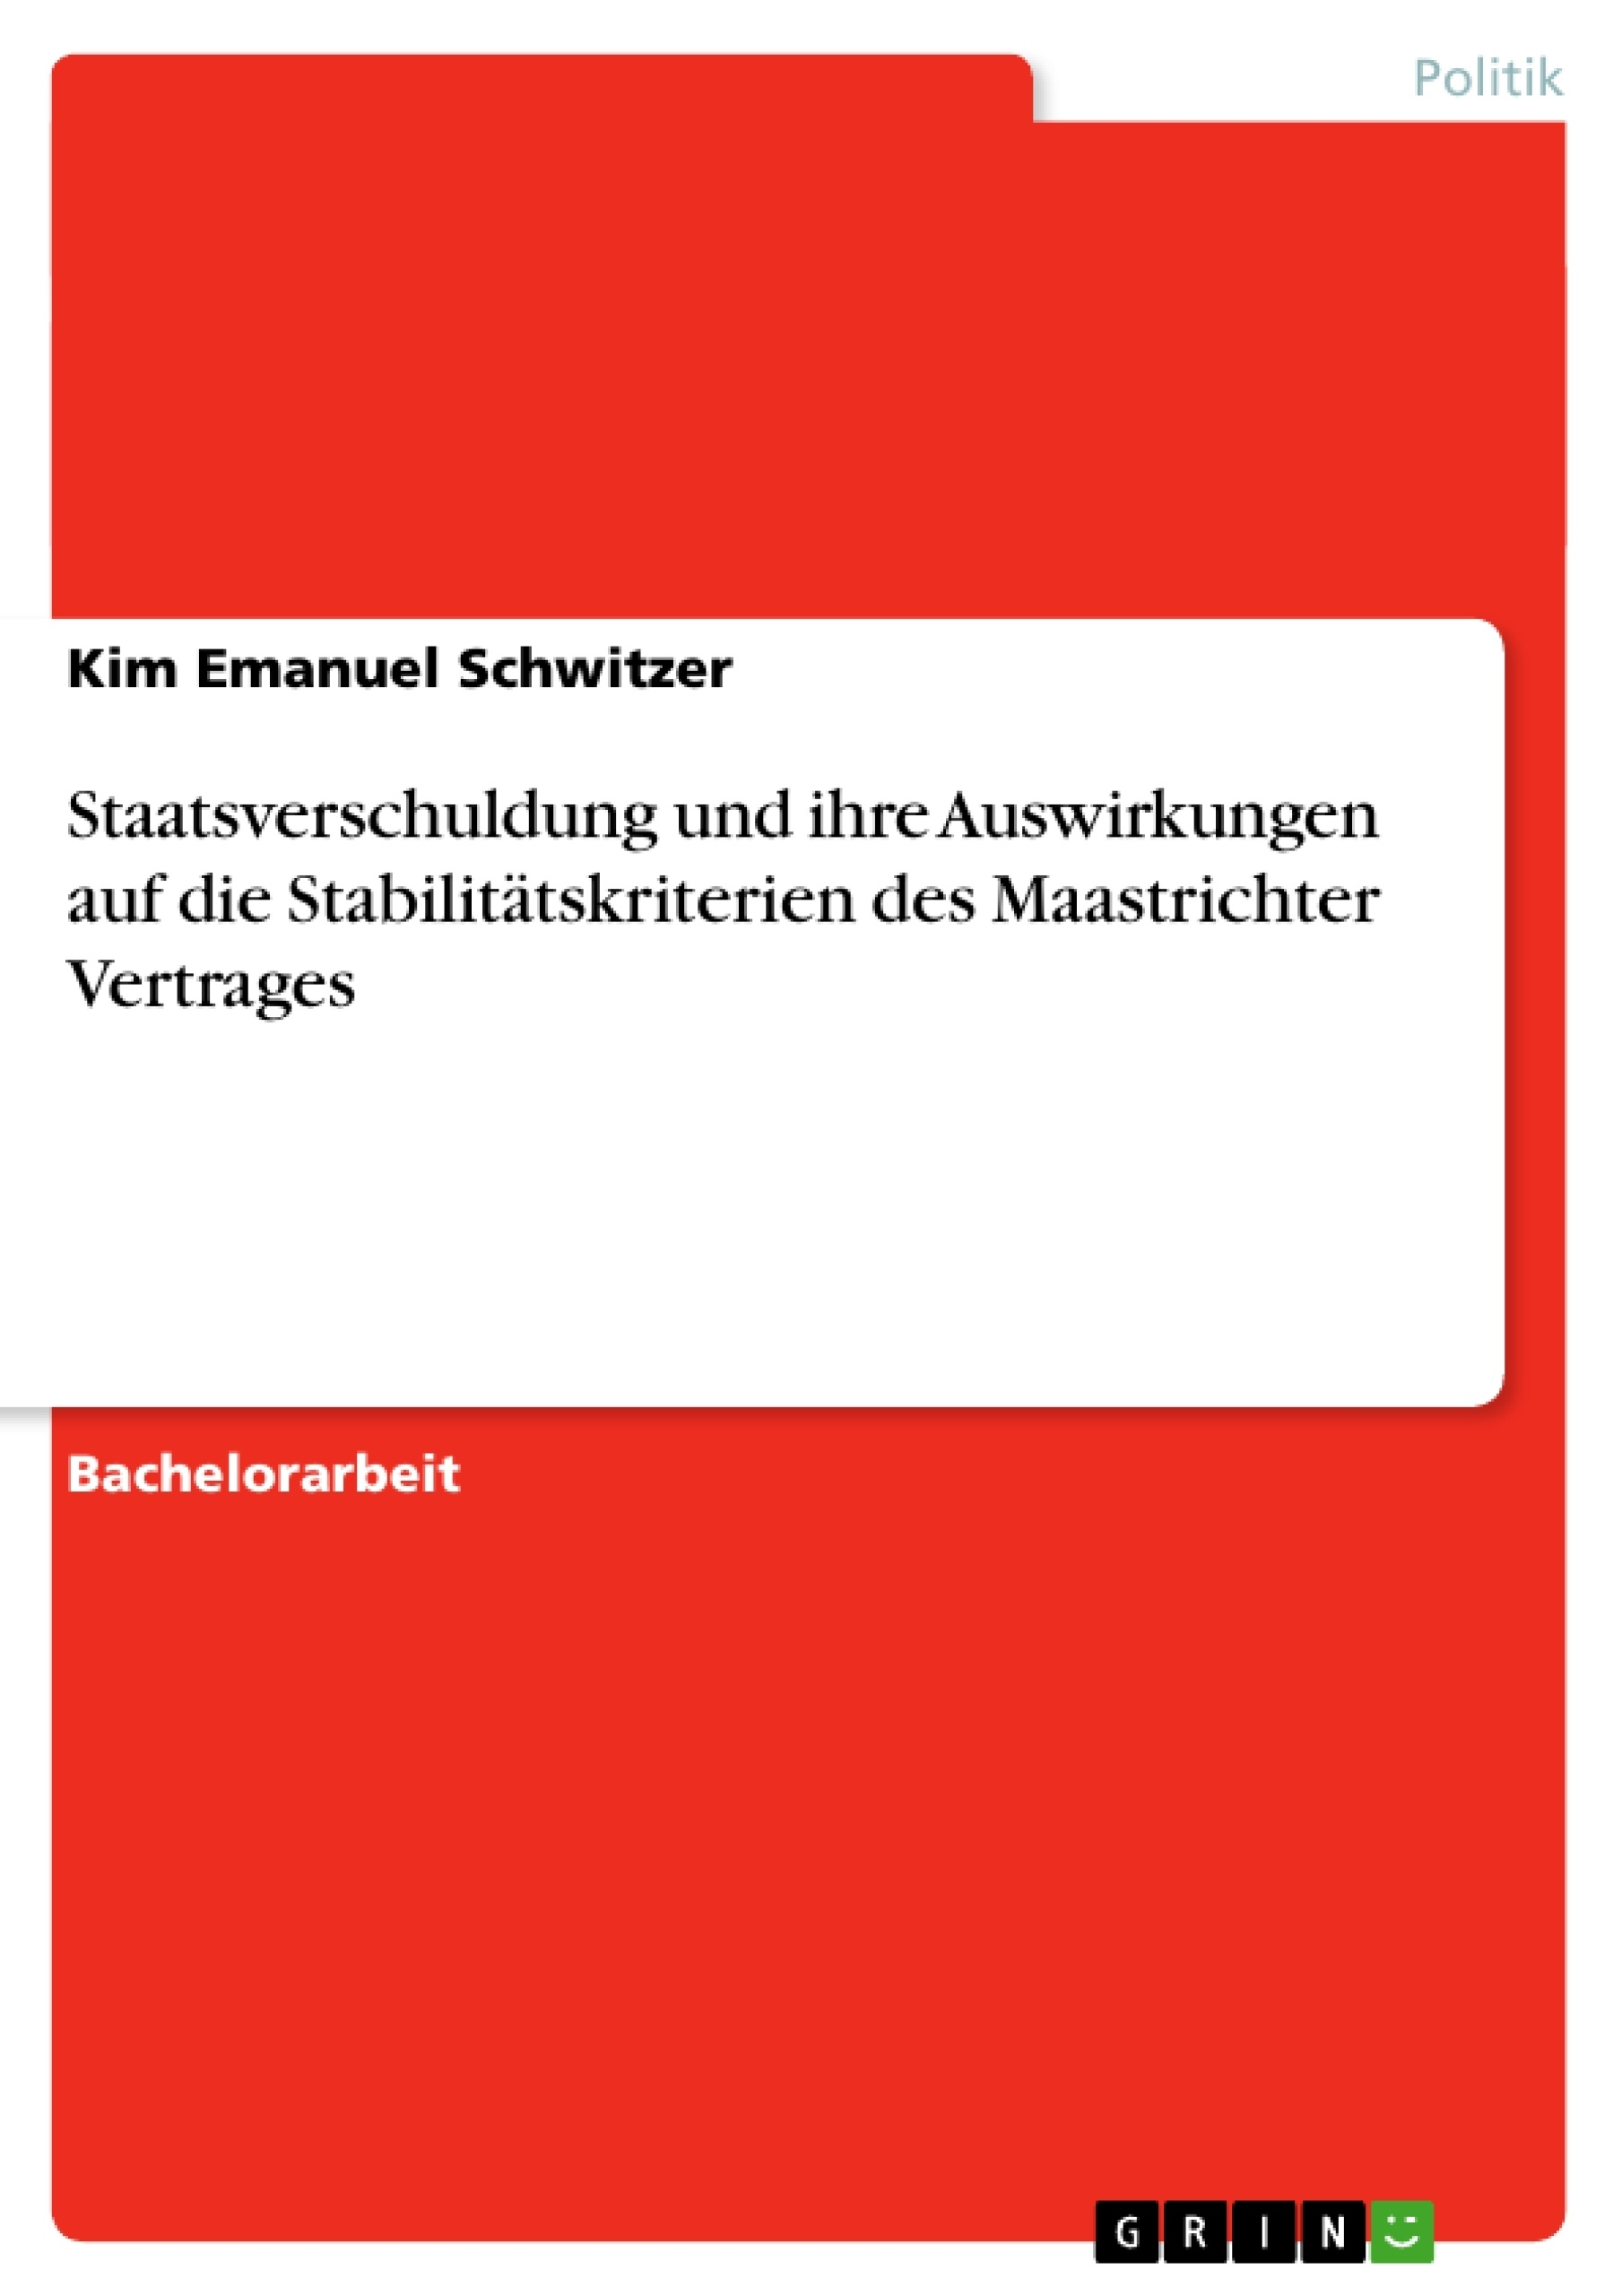 Titel: Staatsverschuldung und ihre Auswirkungen auf die Stabilitätskriterien des Maastrichter Vertrages